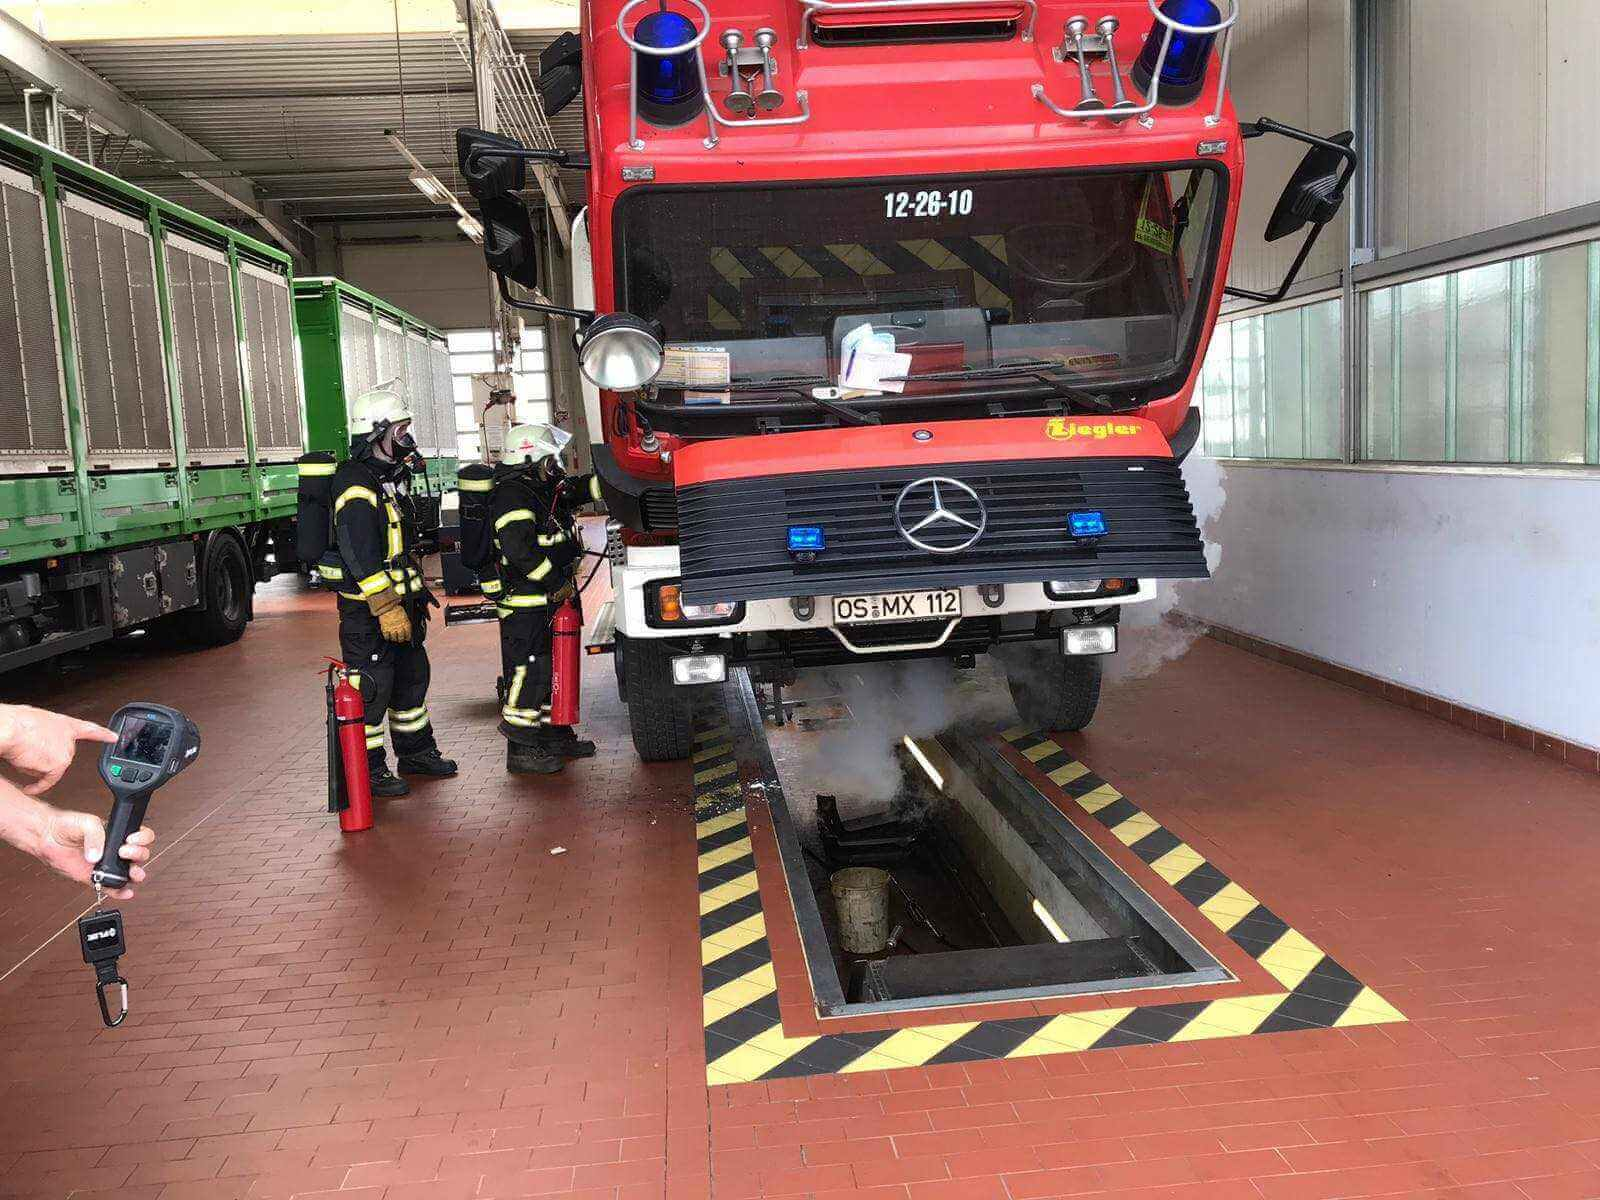 Feuerwehr muss eigenes Fahrzeug löschen